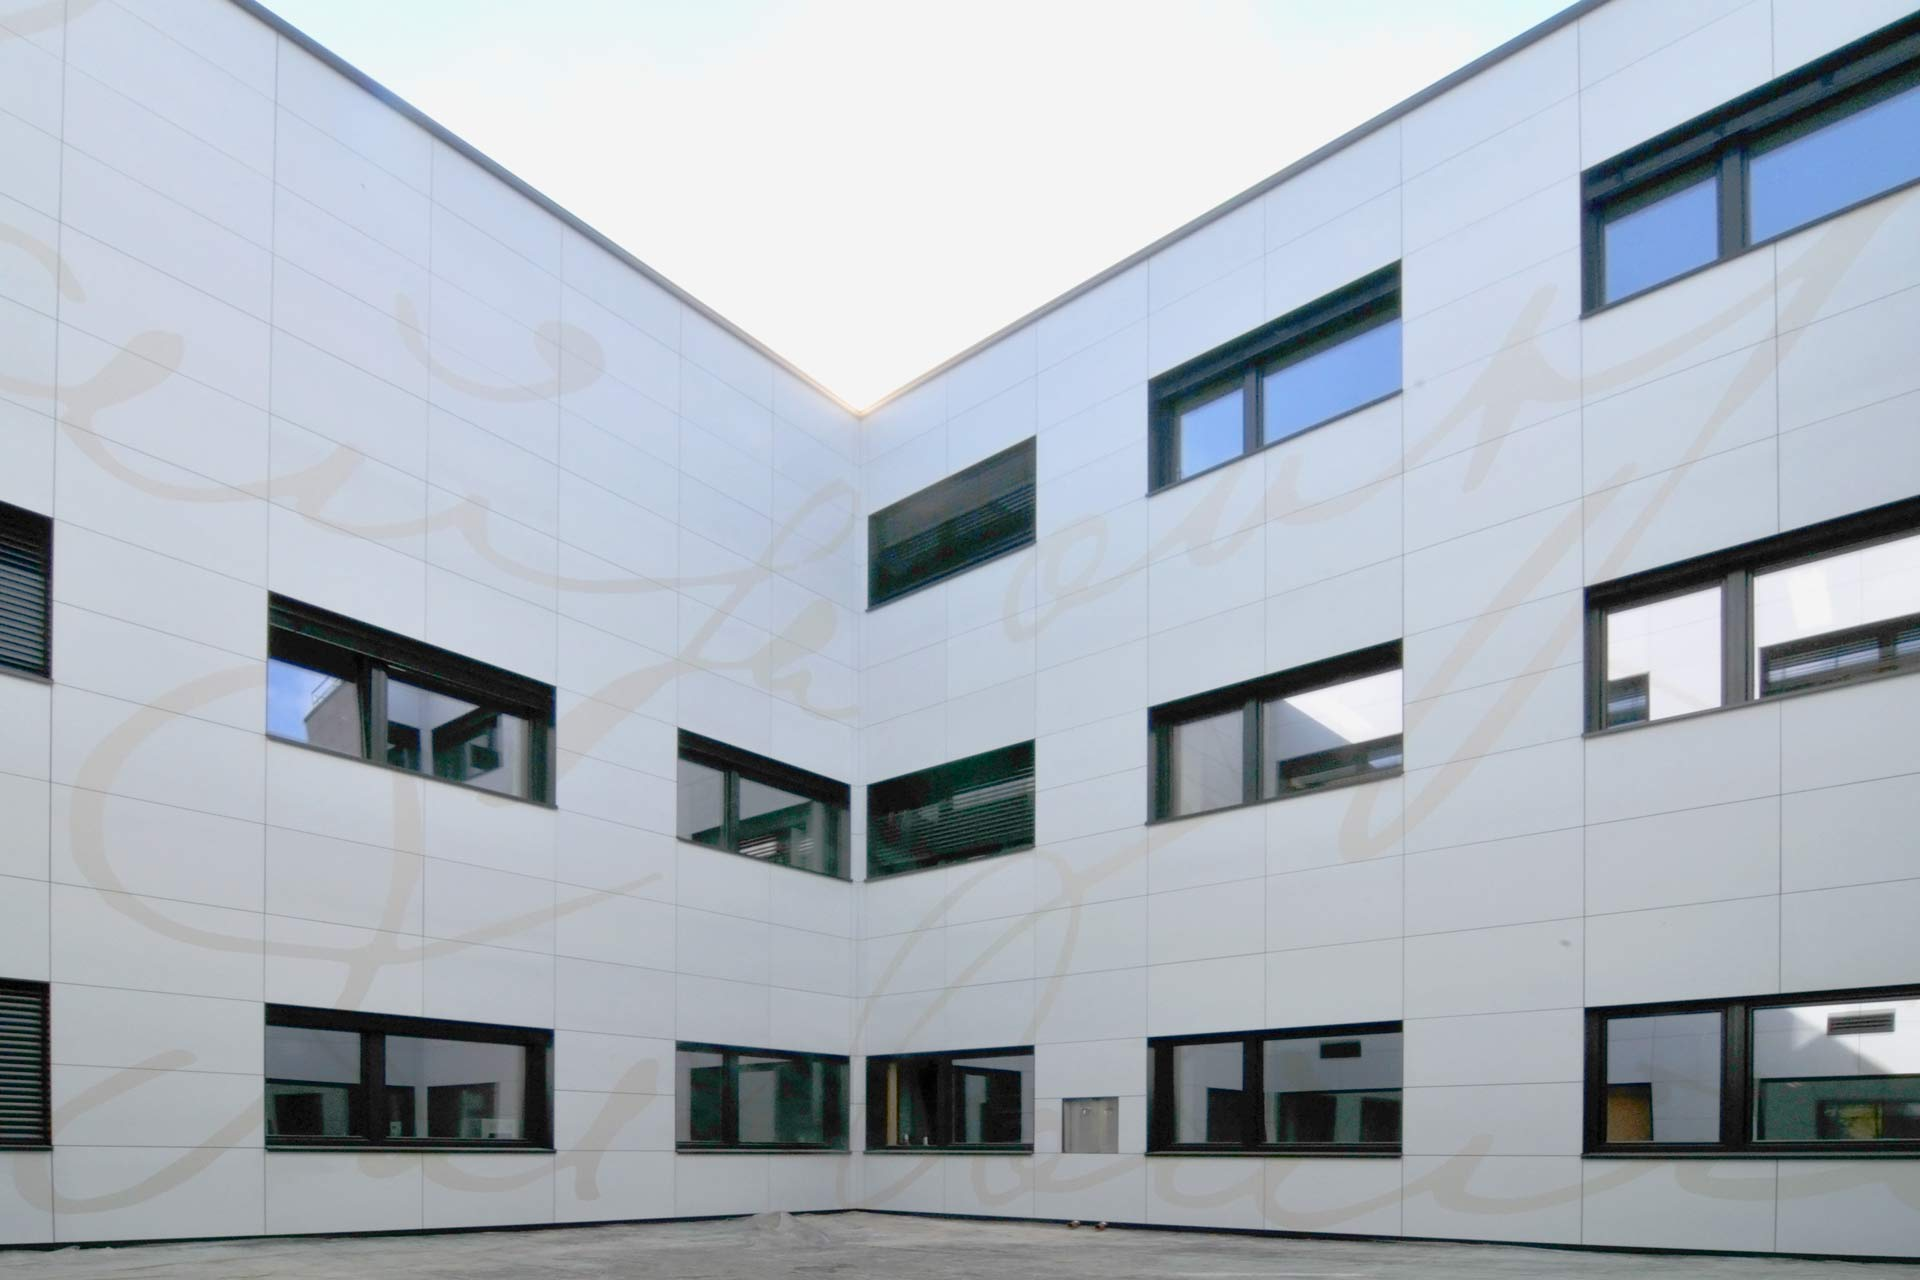 Beton Fassade bedruckt